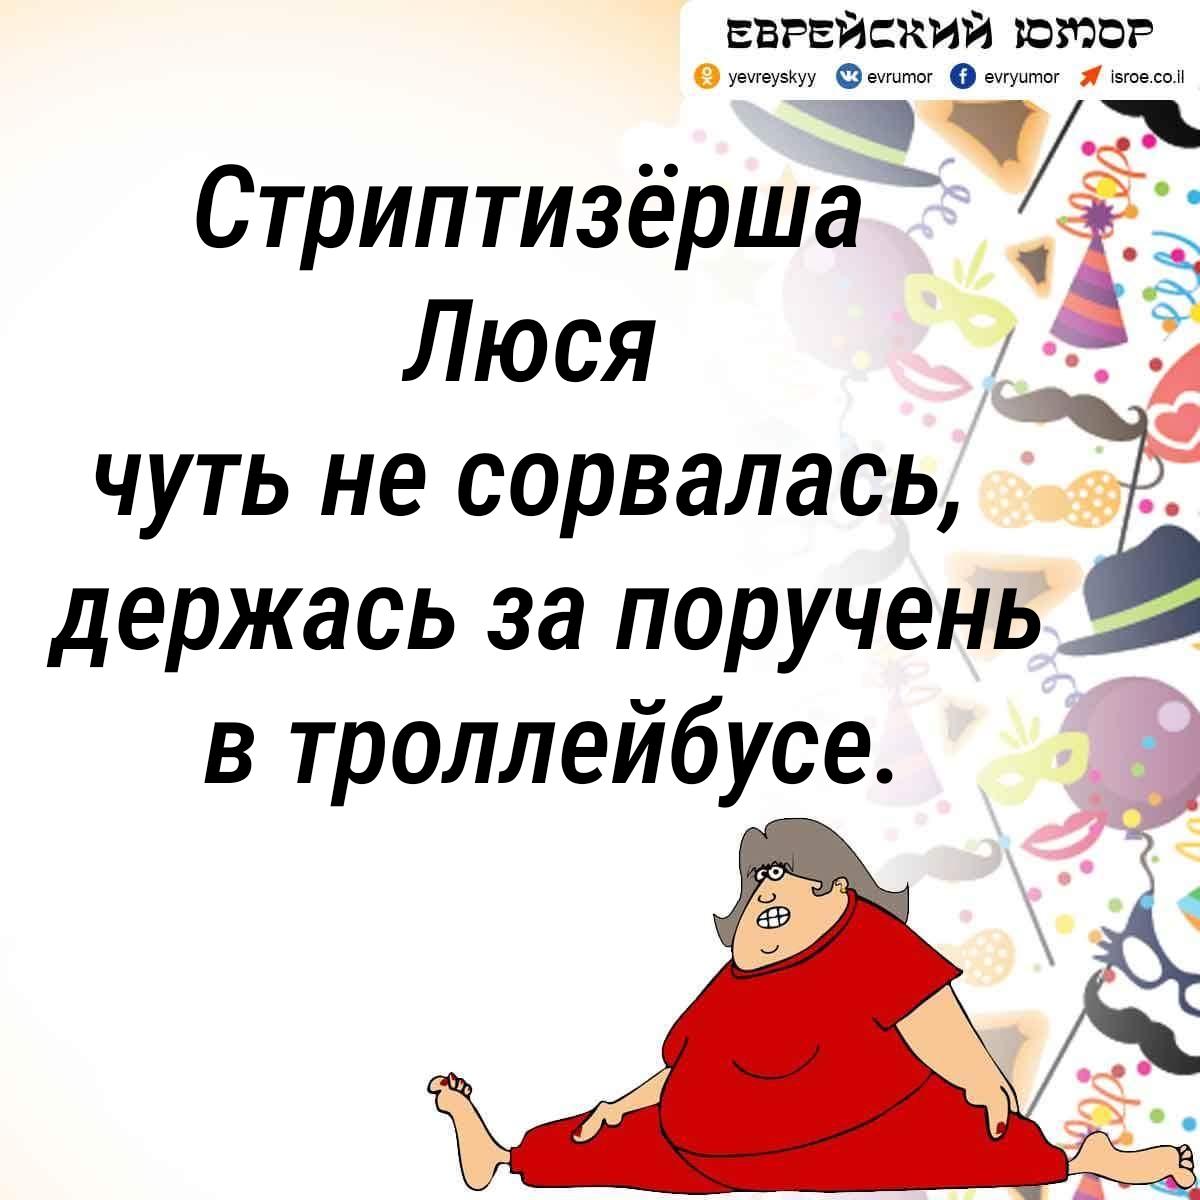 Еврейский юмор. Одесский анекдот. Люся